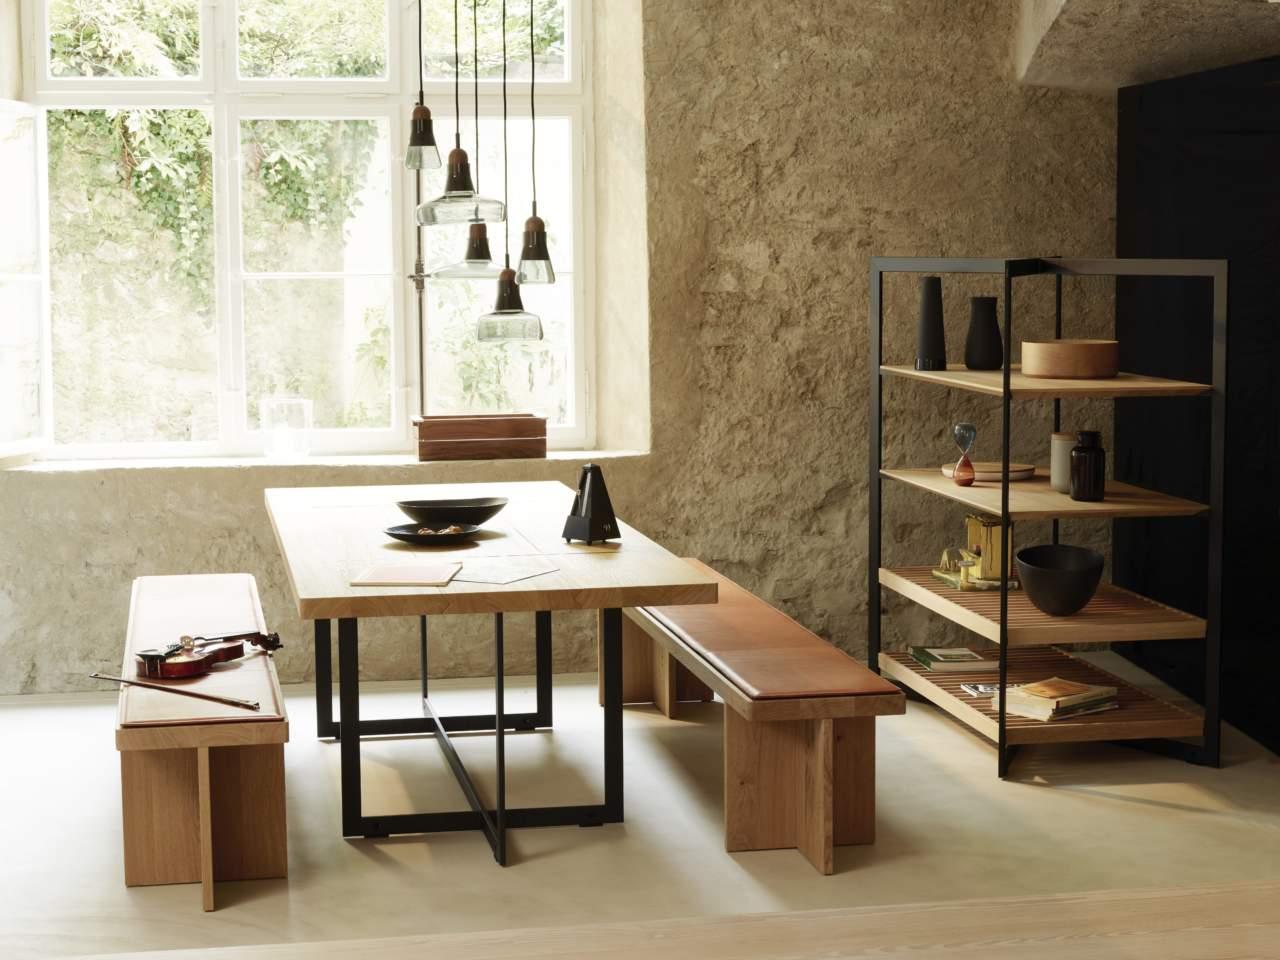 Bulthaup b Solitaire, tra cucina e living | Area